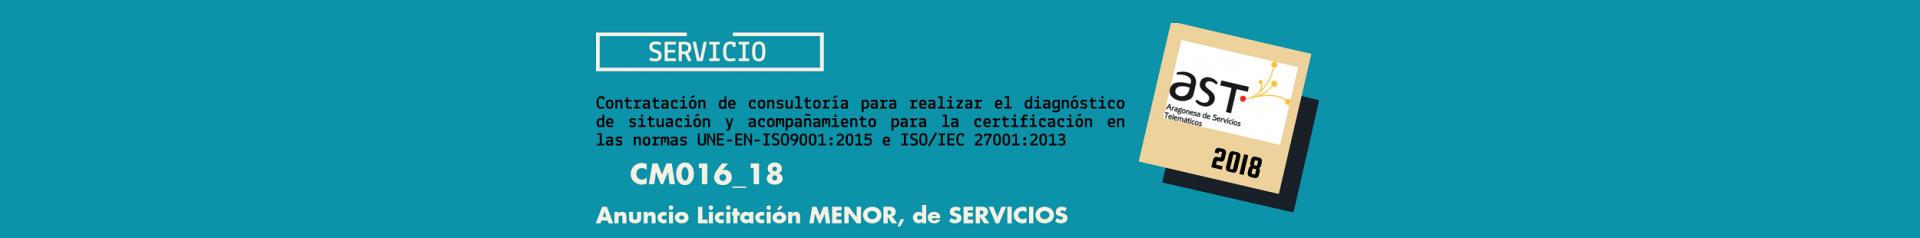 Imagen de licitación CM016_18